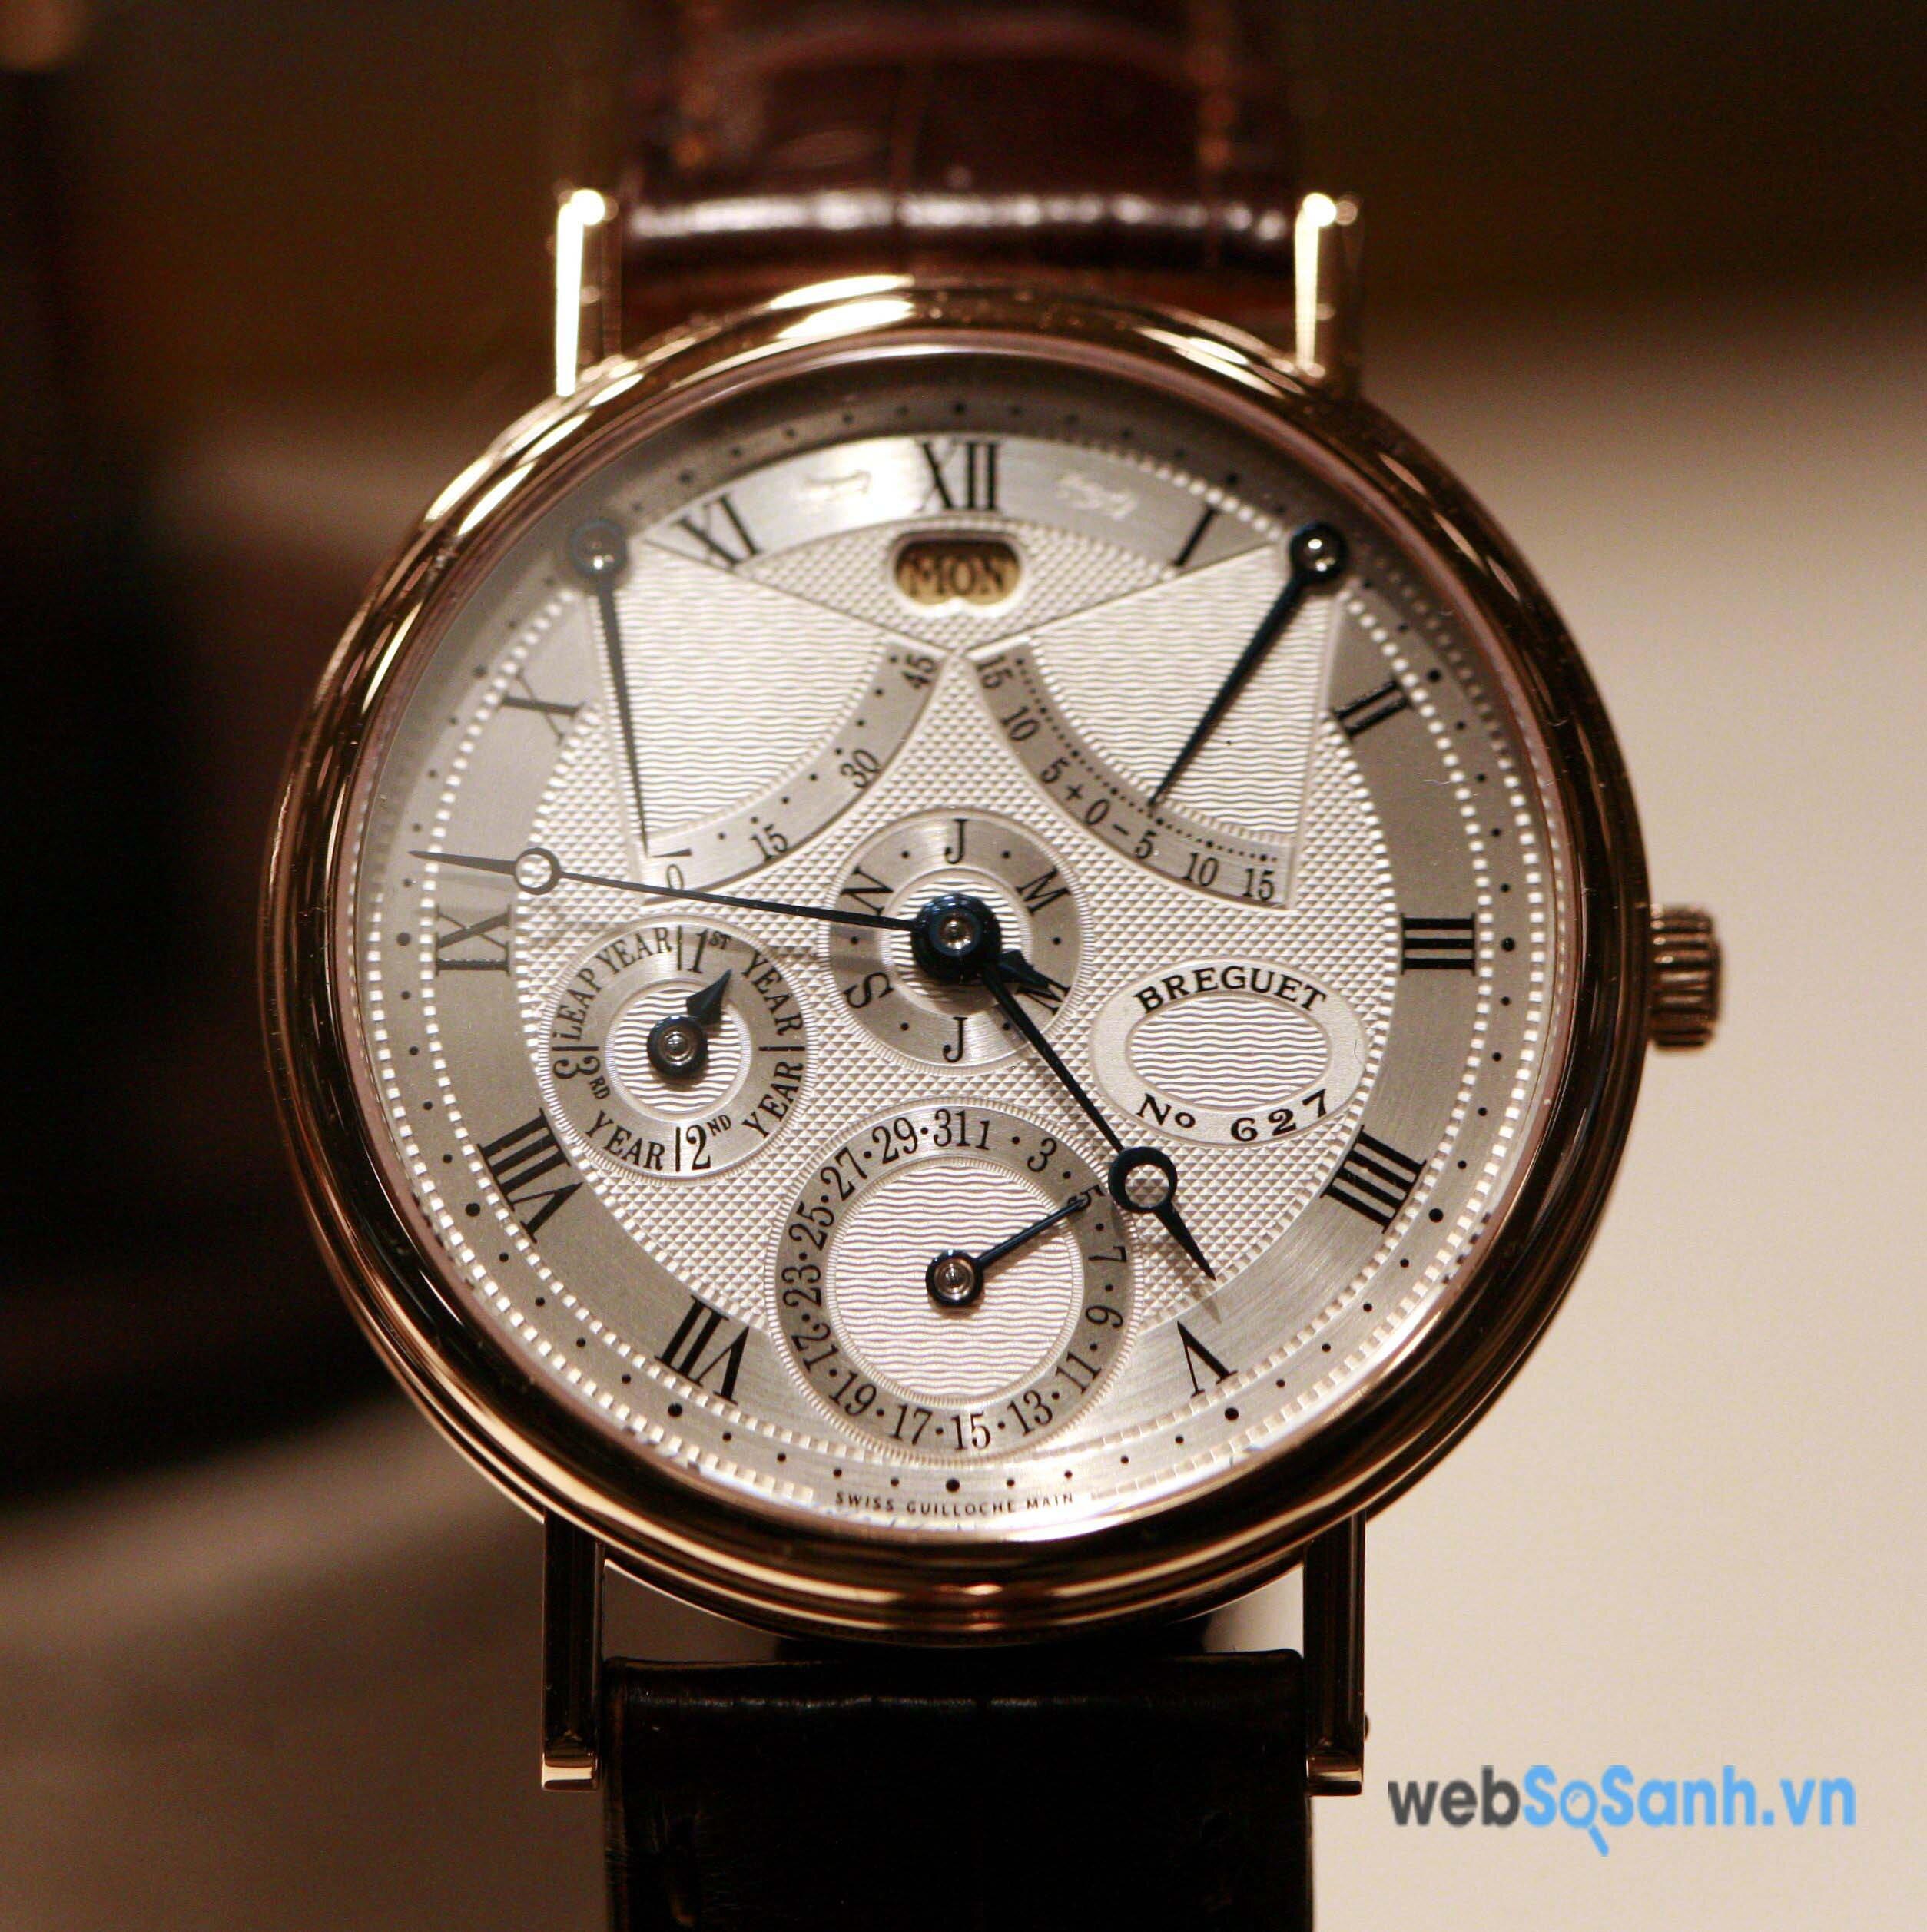 Một chiếc đồng hồ hiệu Breguet